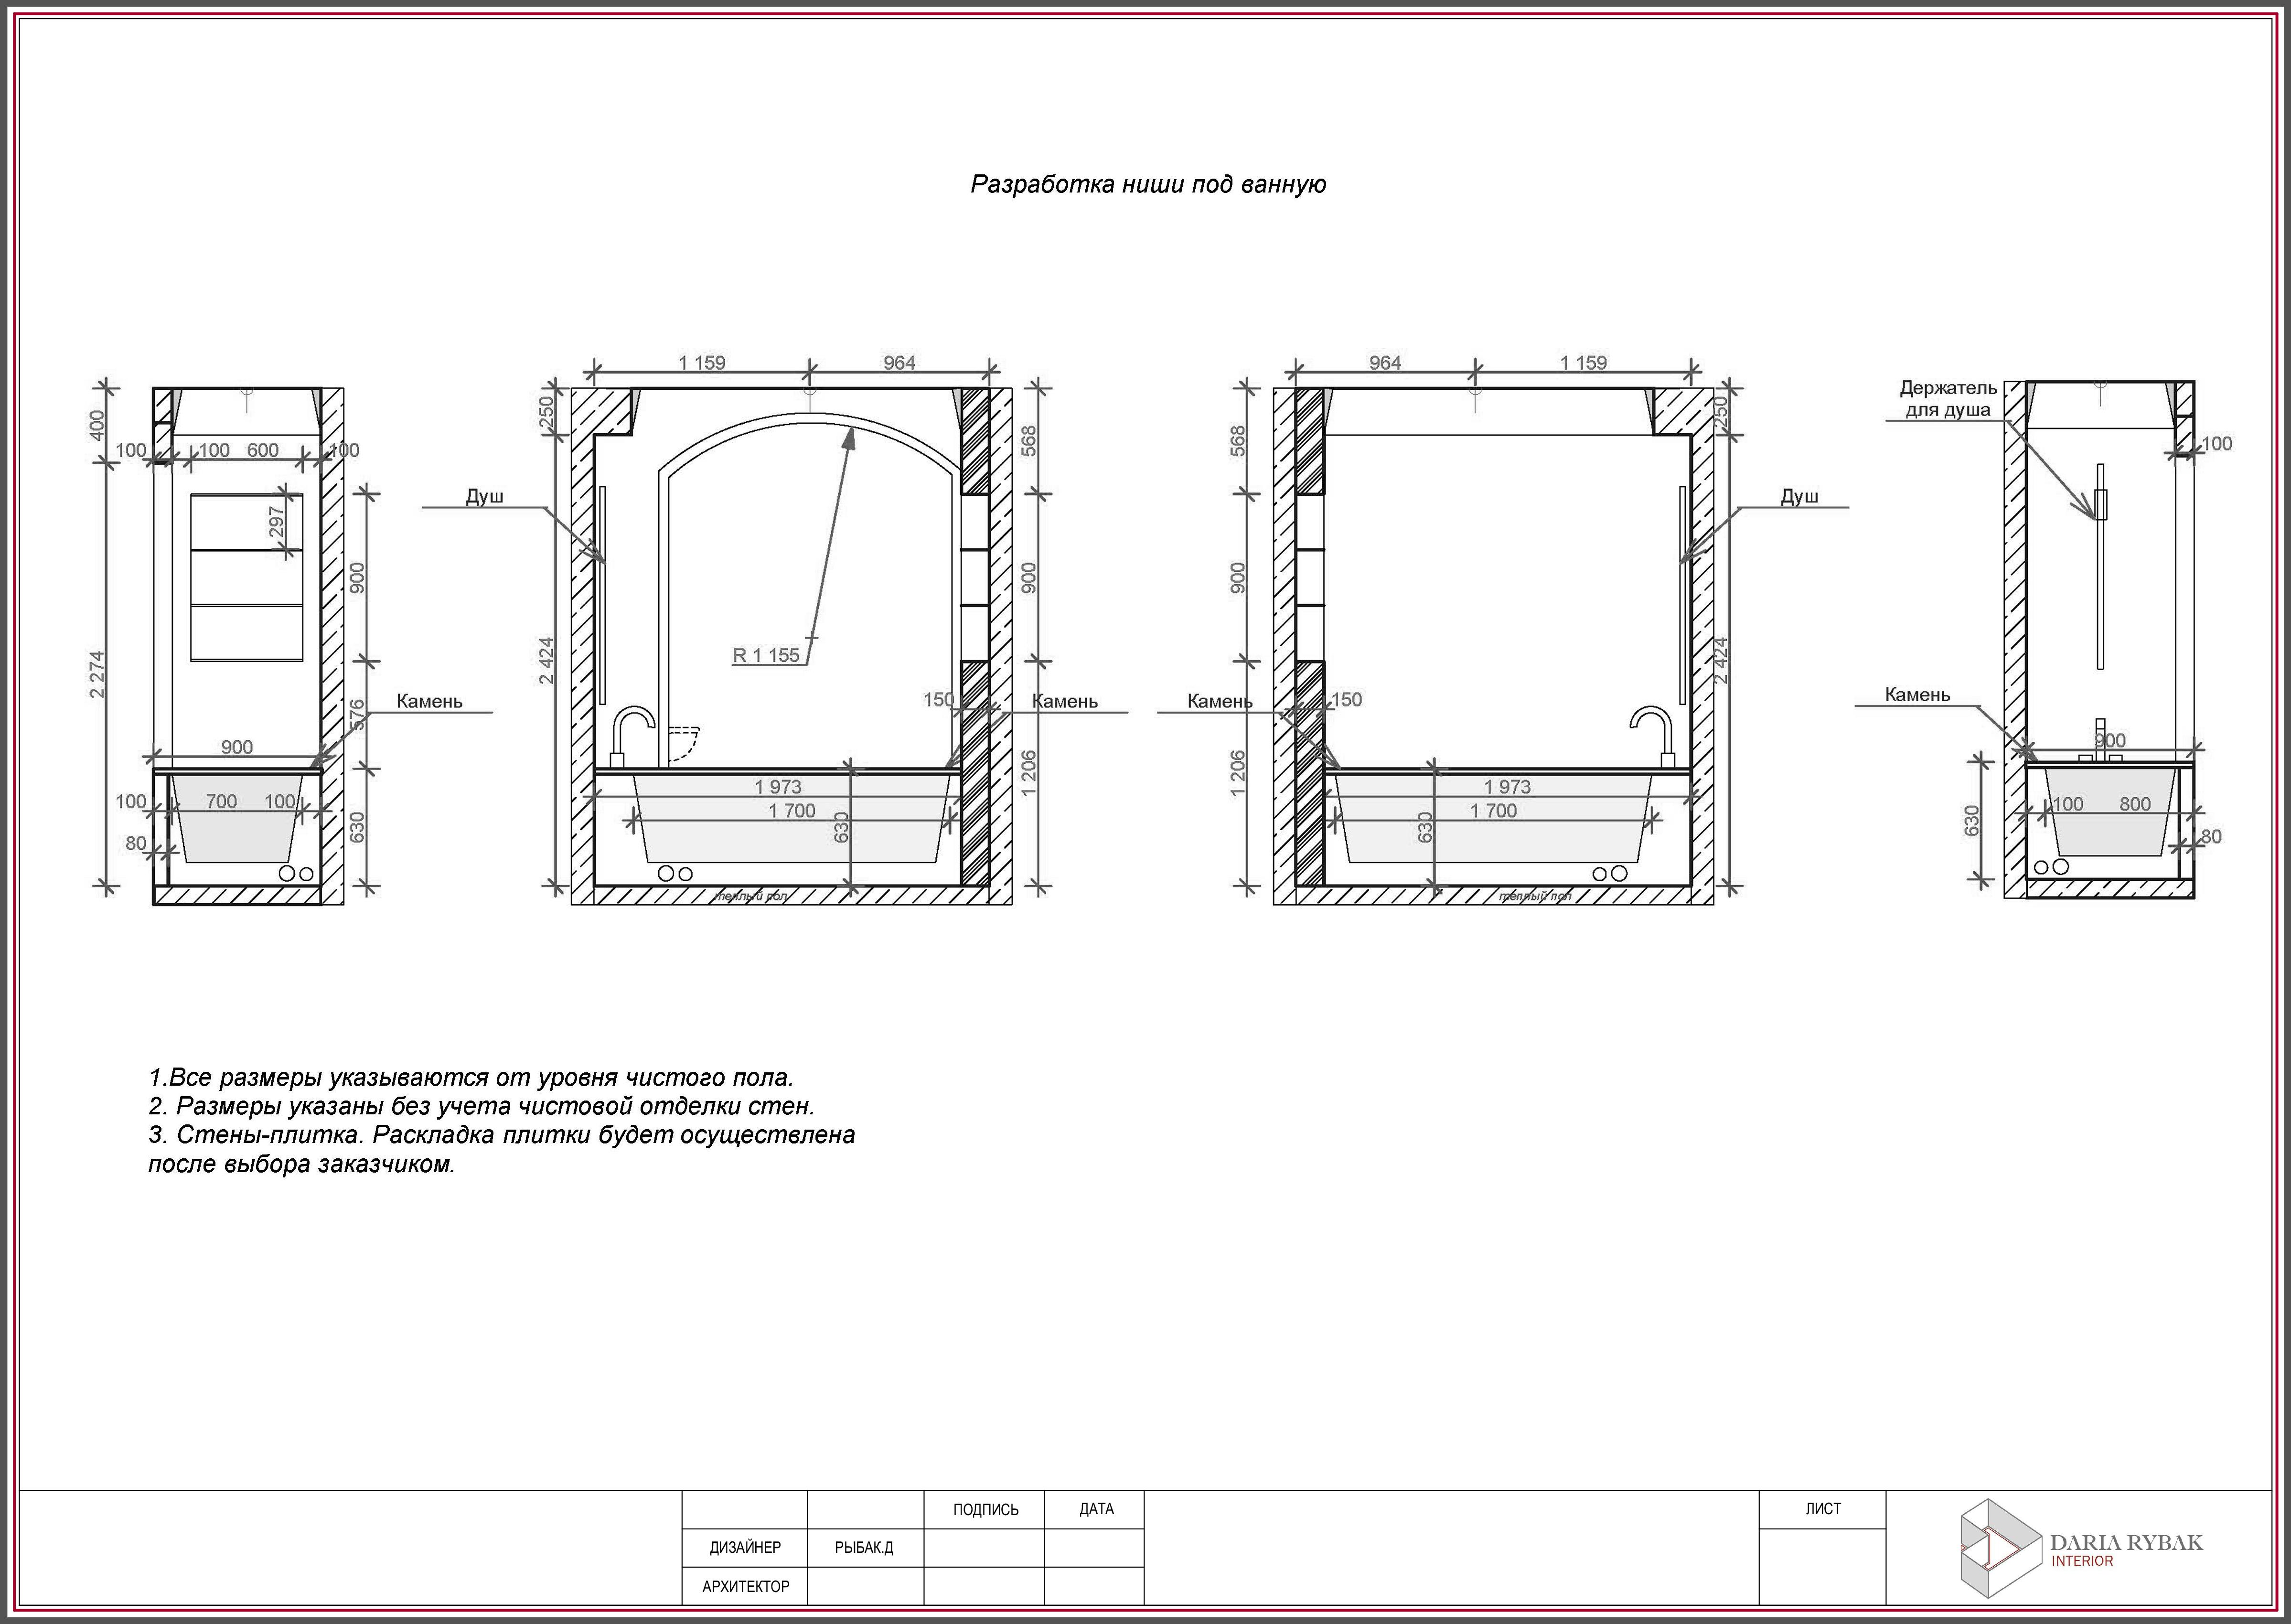 Разработка места для ванной